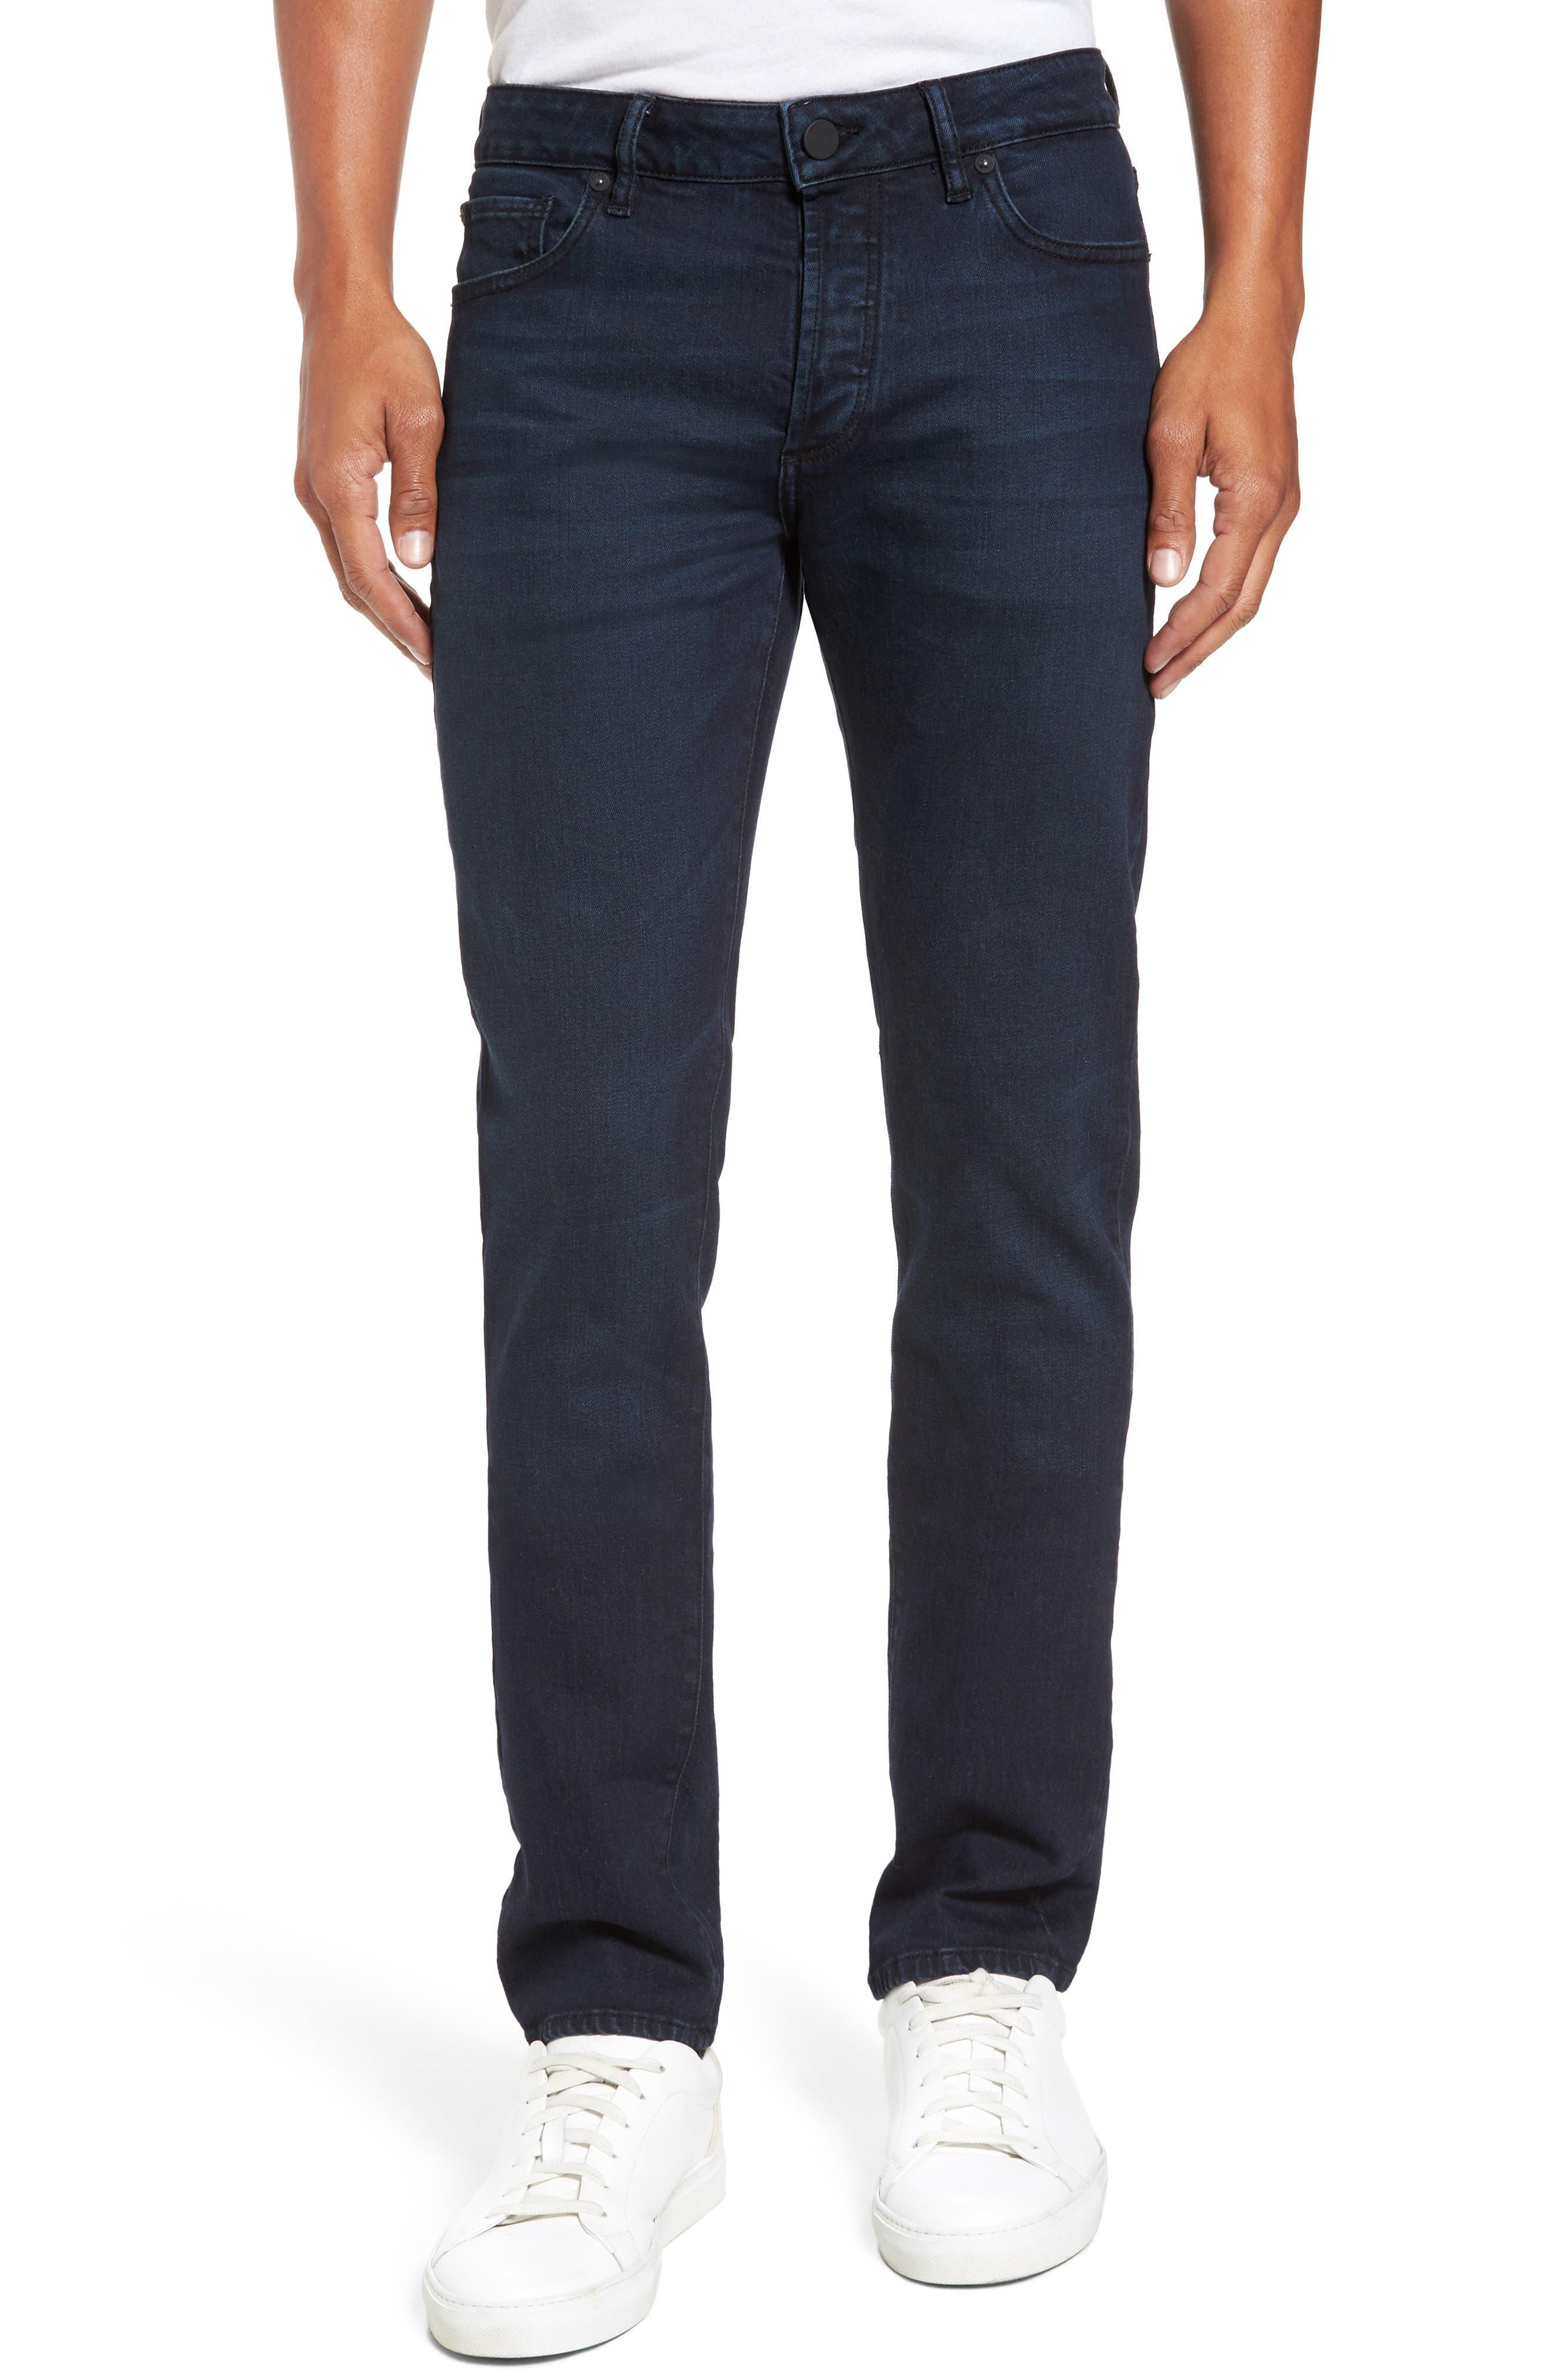 DL1961 Nick Slim Fit Jeans (Snipe)